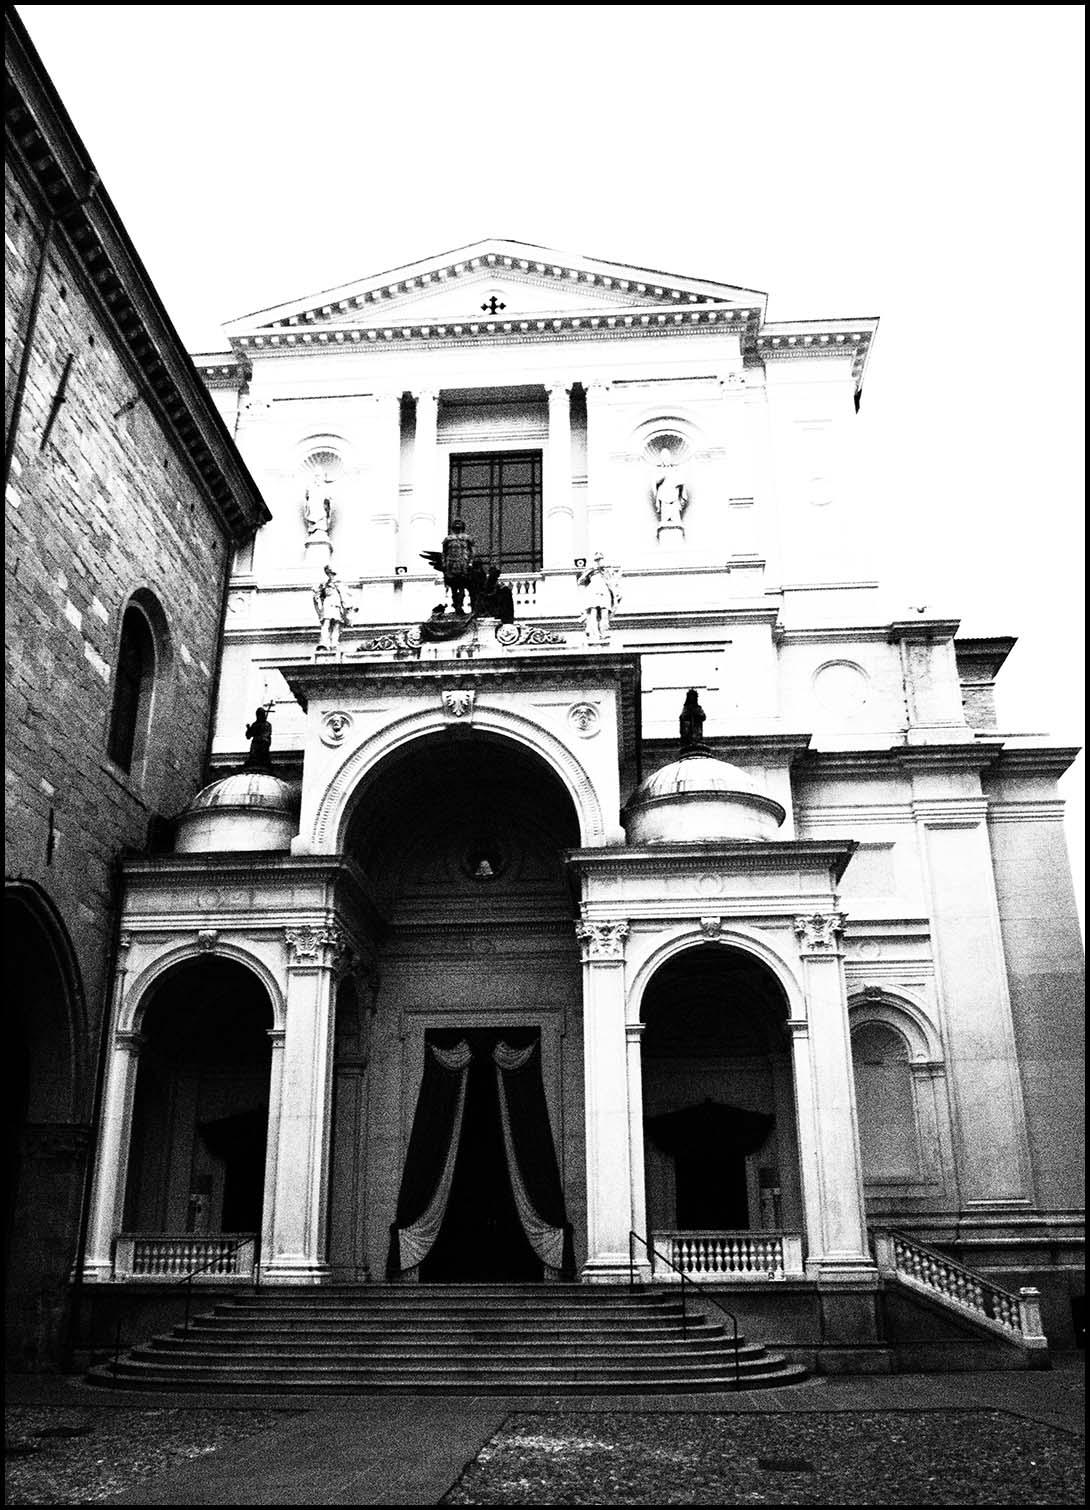 Cattedrale di Bergamo, Italy